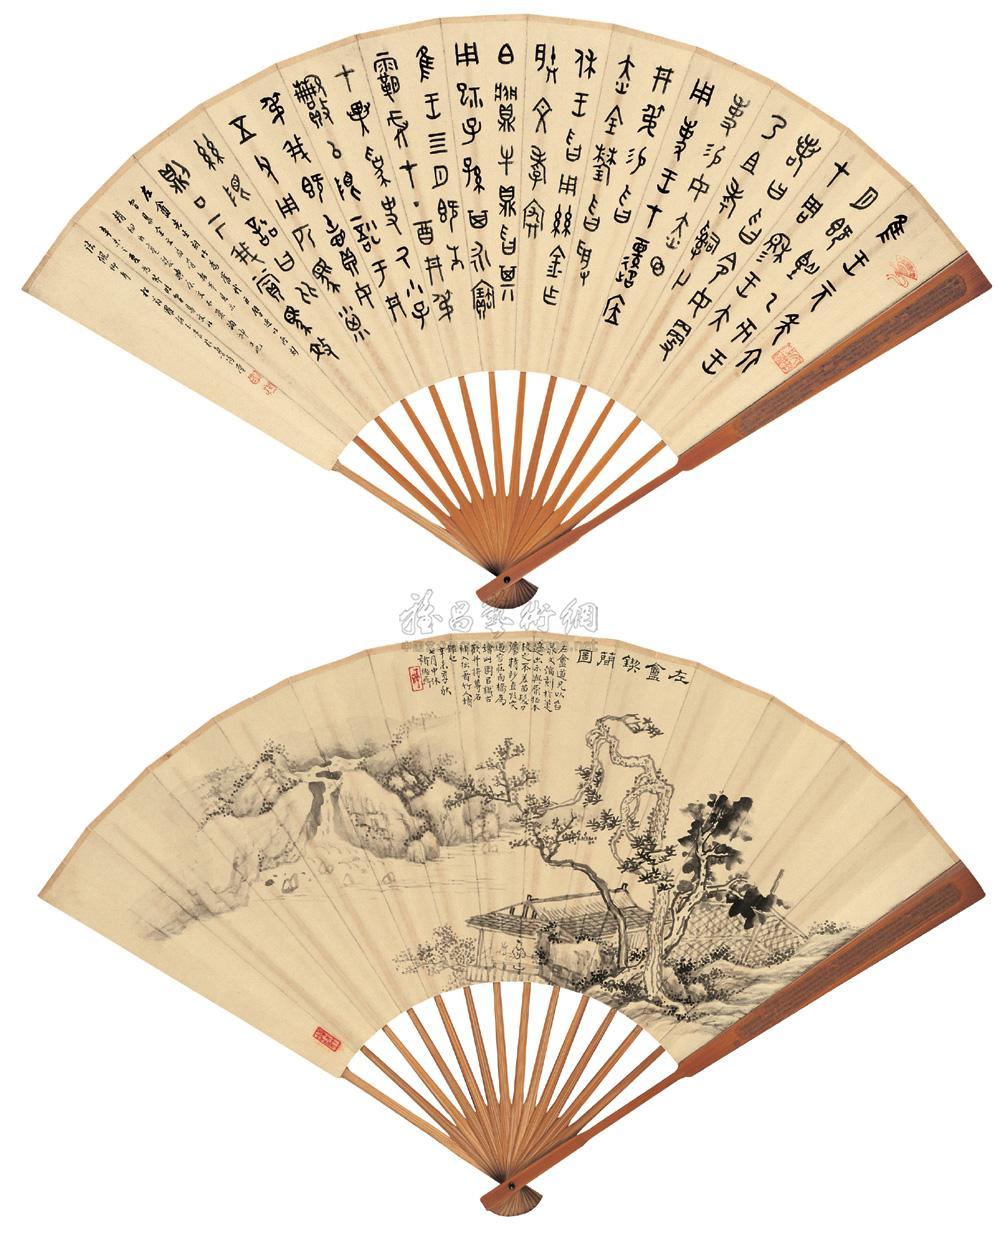 �_0396 辛未(1931年)作 节临曶鼎铭文 左盦锲简图 水墨纸本